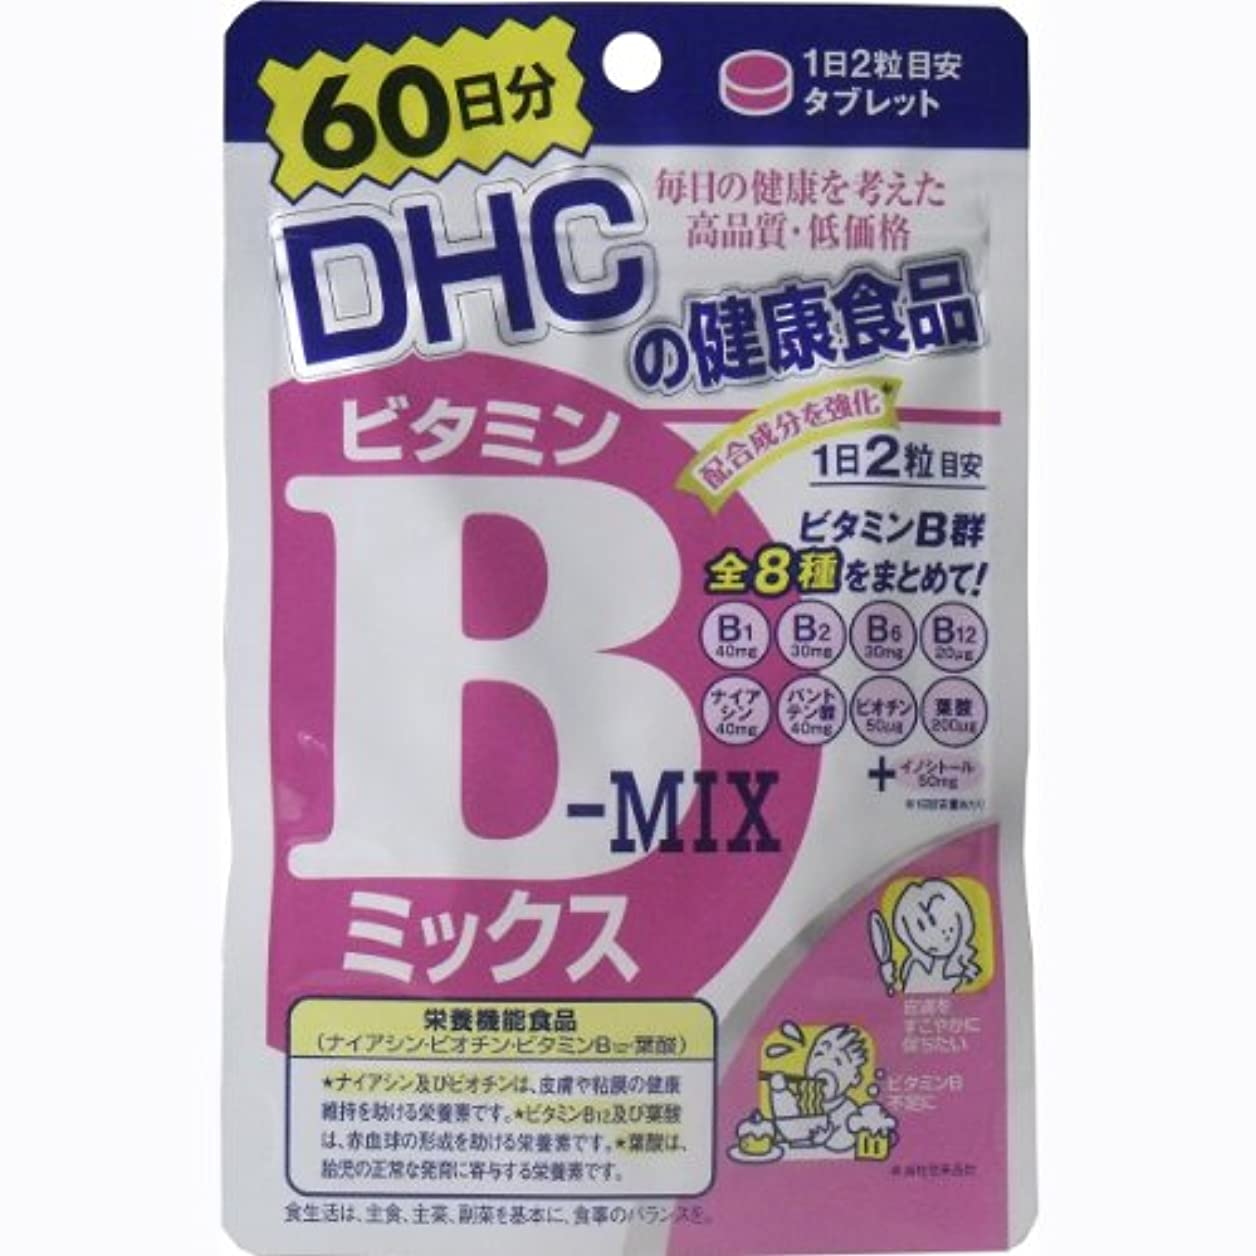 見せます不一致優しいDHC ビタミンBミックス 120粒 60日分 ×10個セット